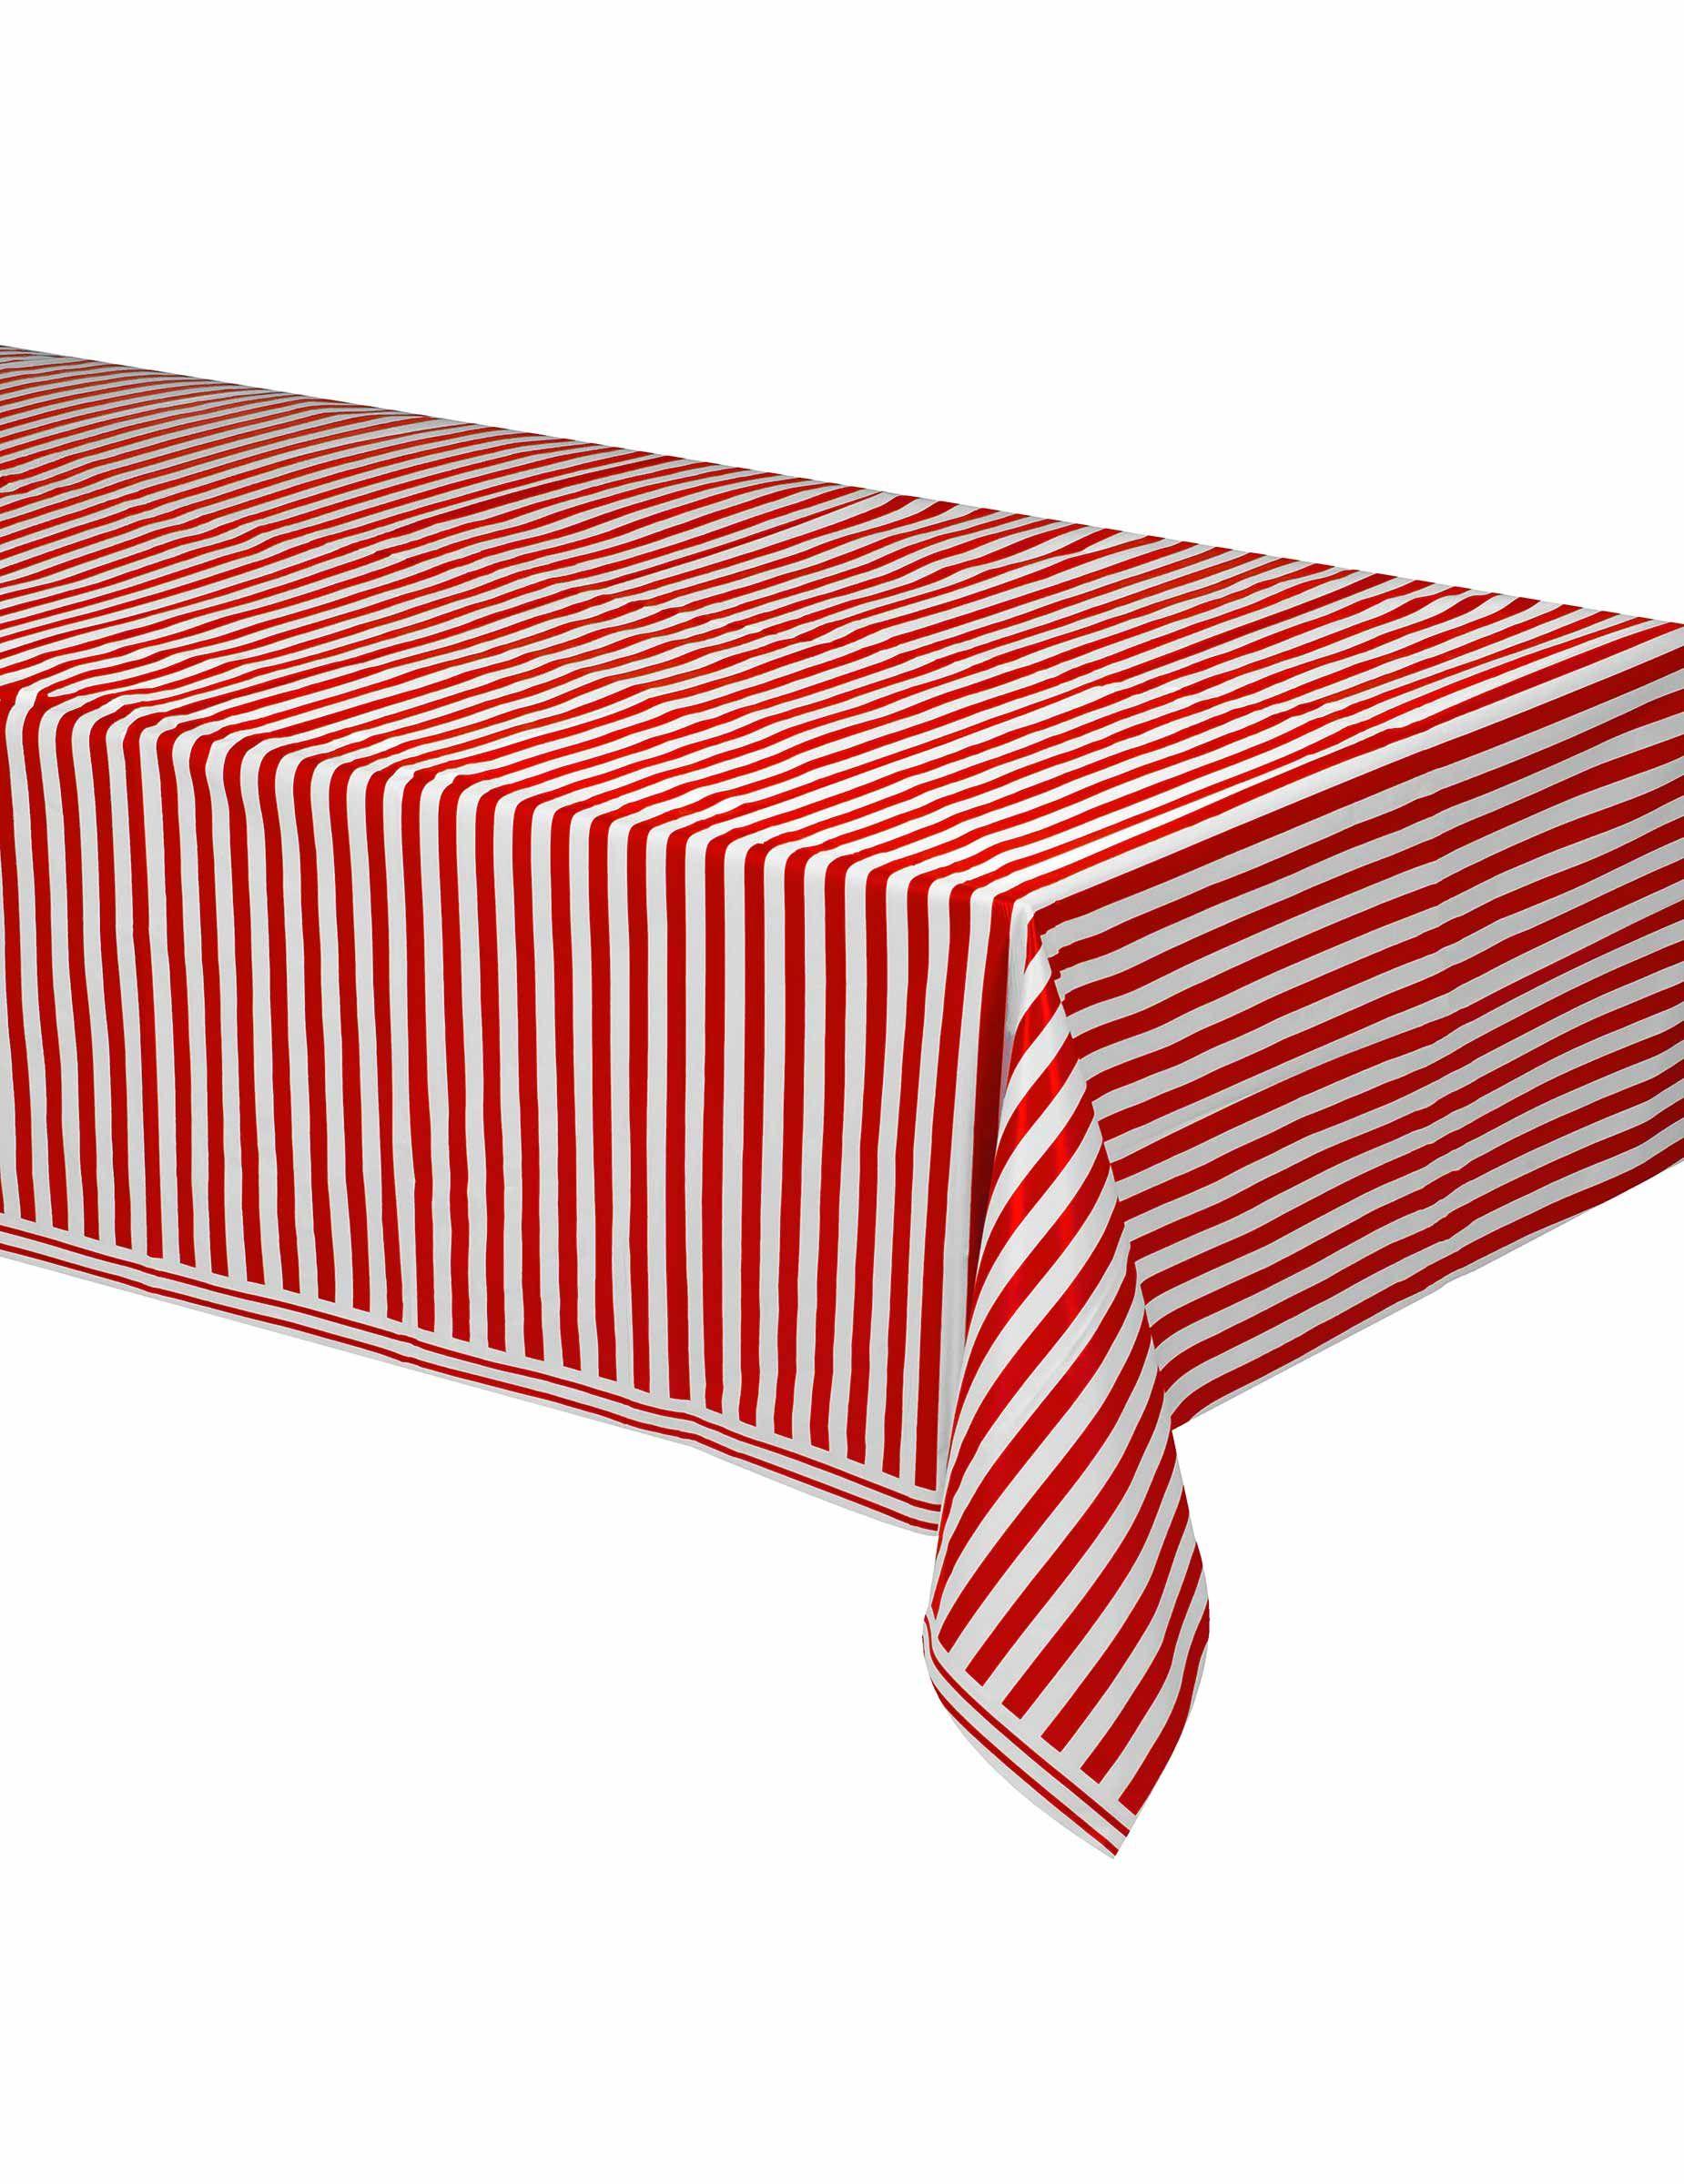 67 Hervorragend Tischdecke Plastik Tischdecke Plastik Tischdecke Grune Tischdecke